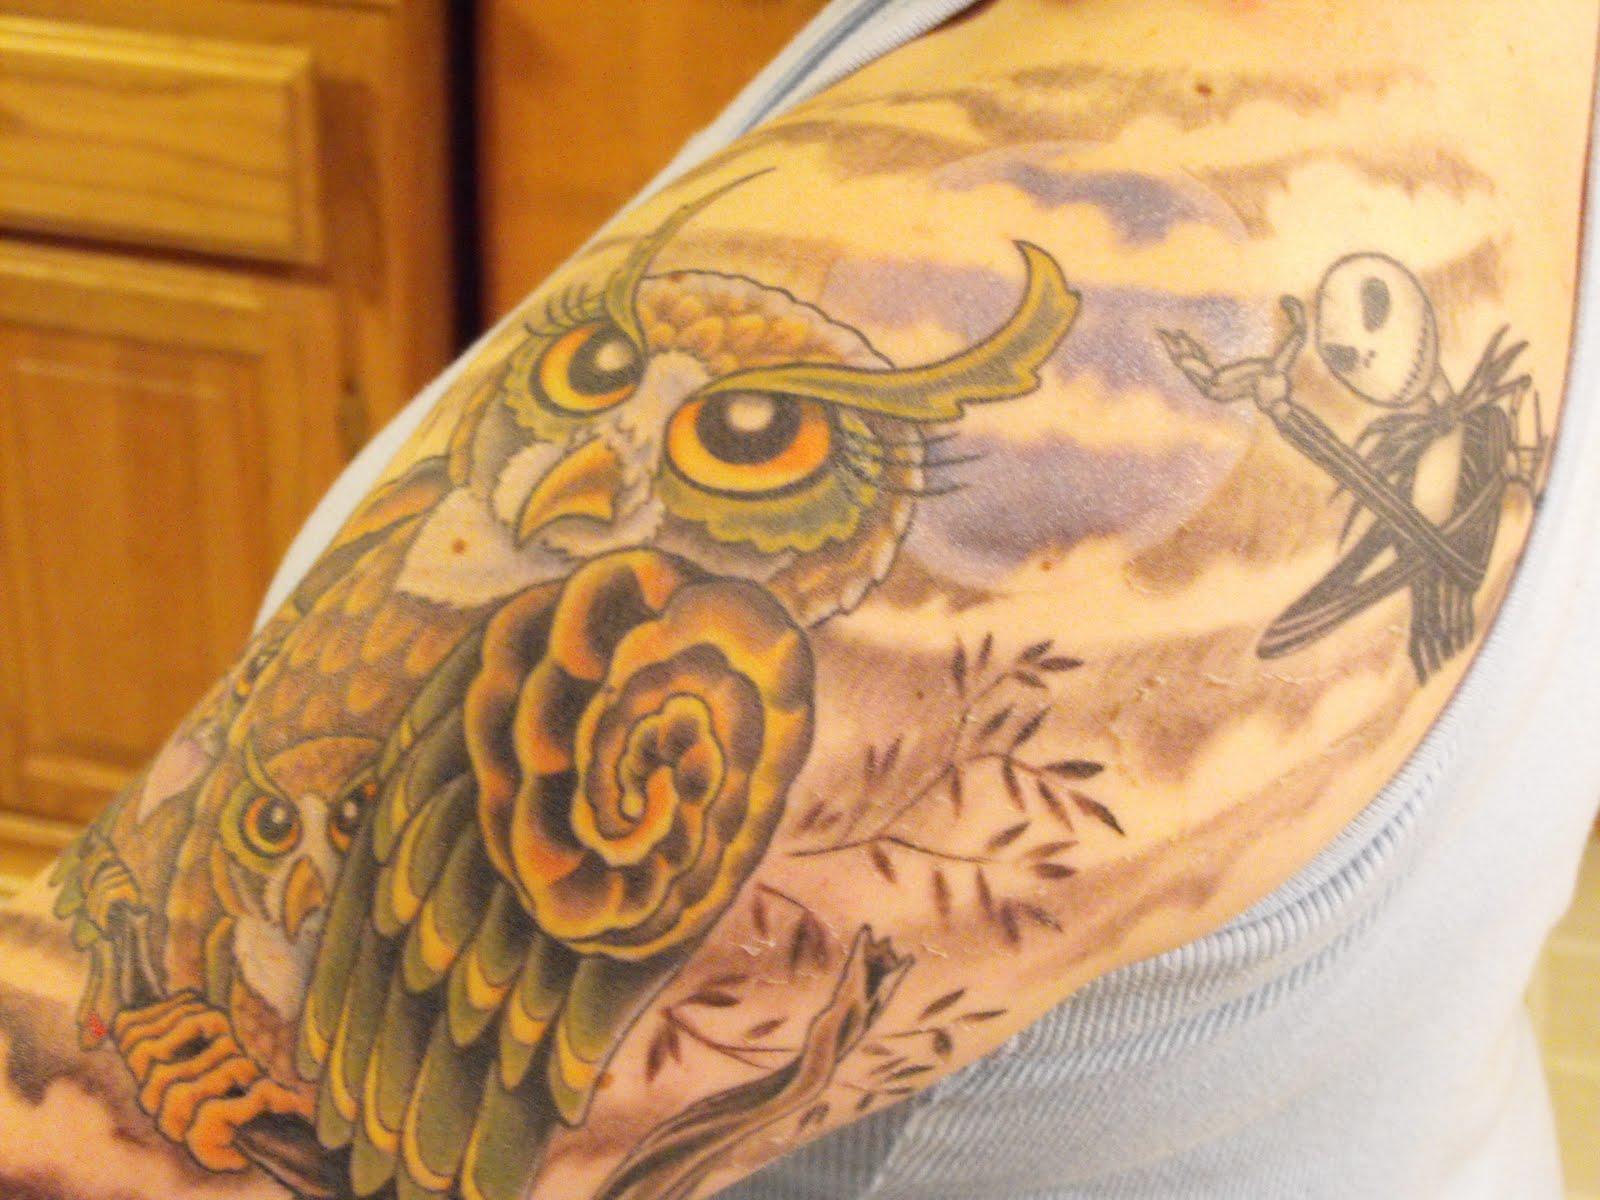 что нужно чтобы открыть тату салон - Как открыть свой тату салон Openbusiness ru